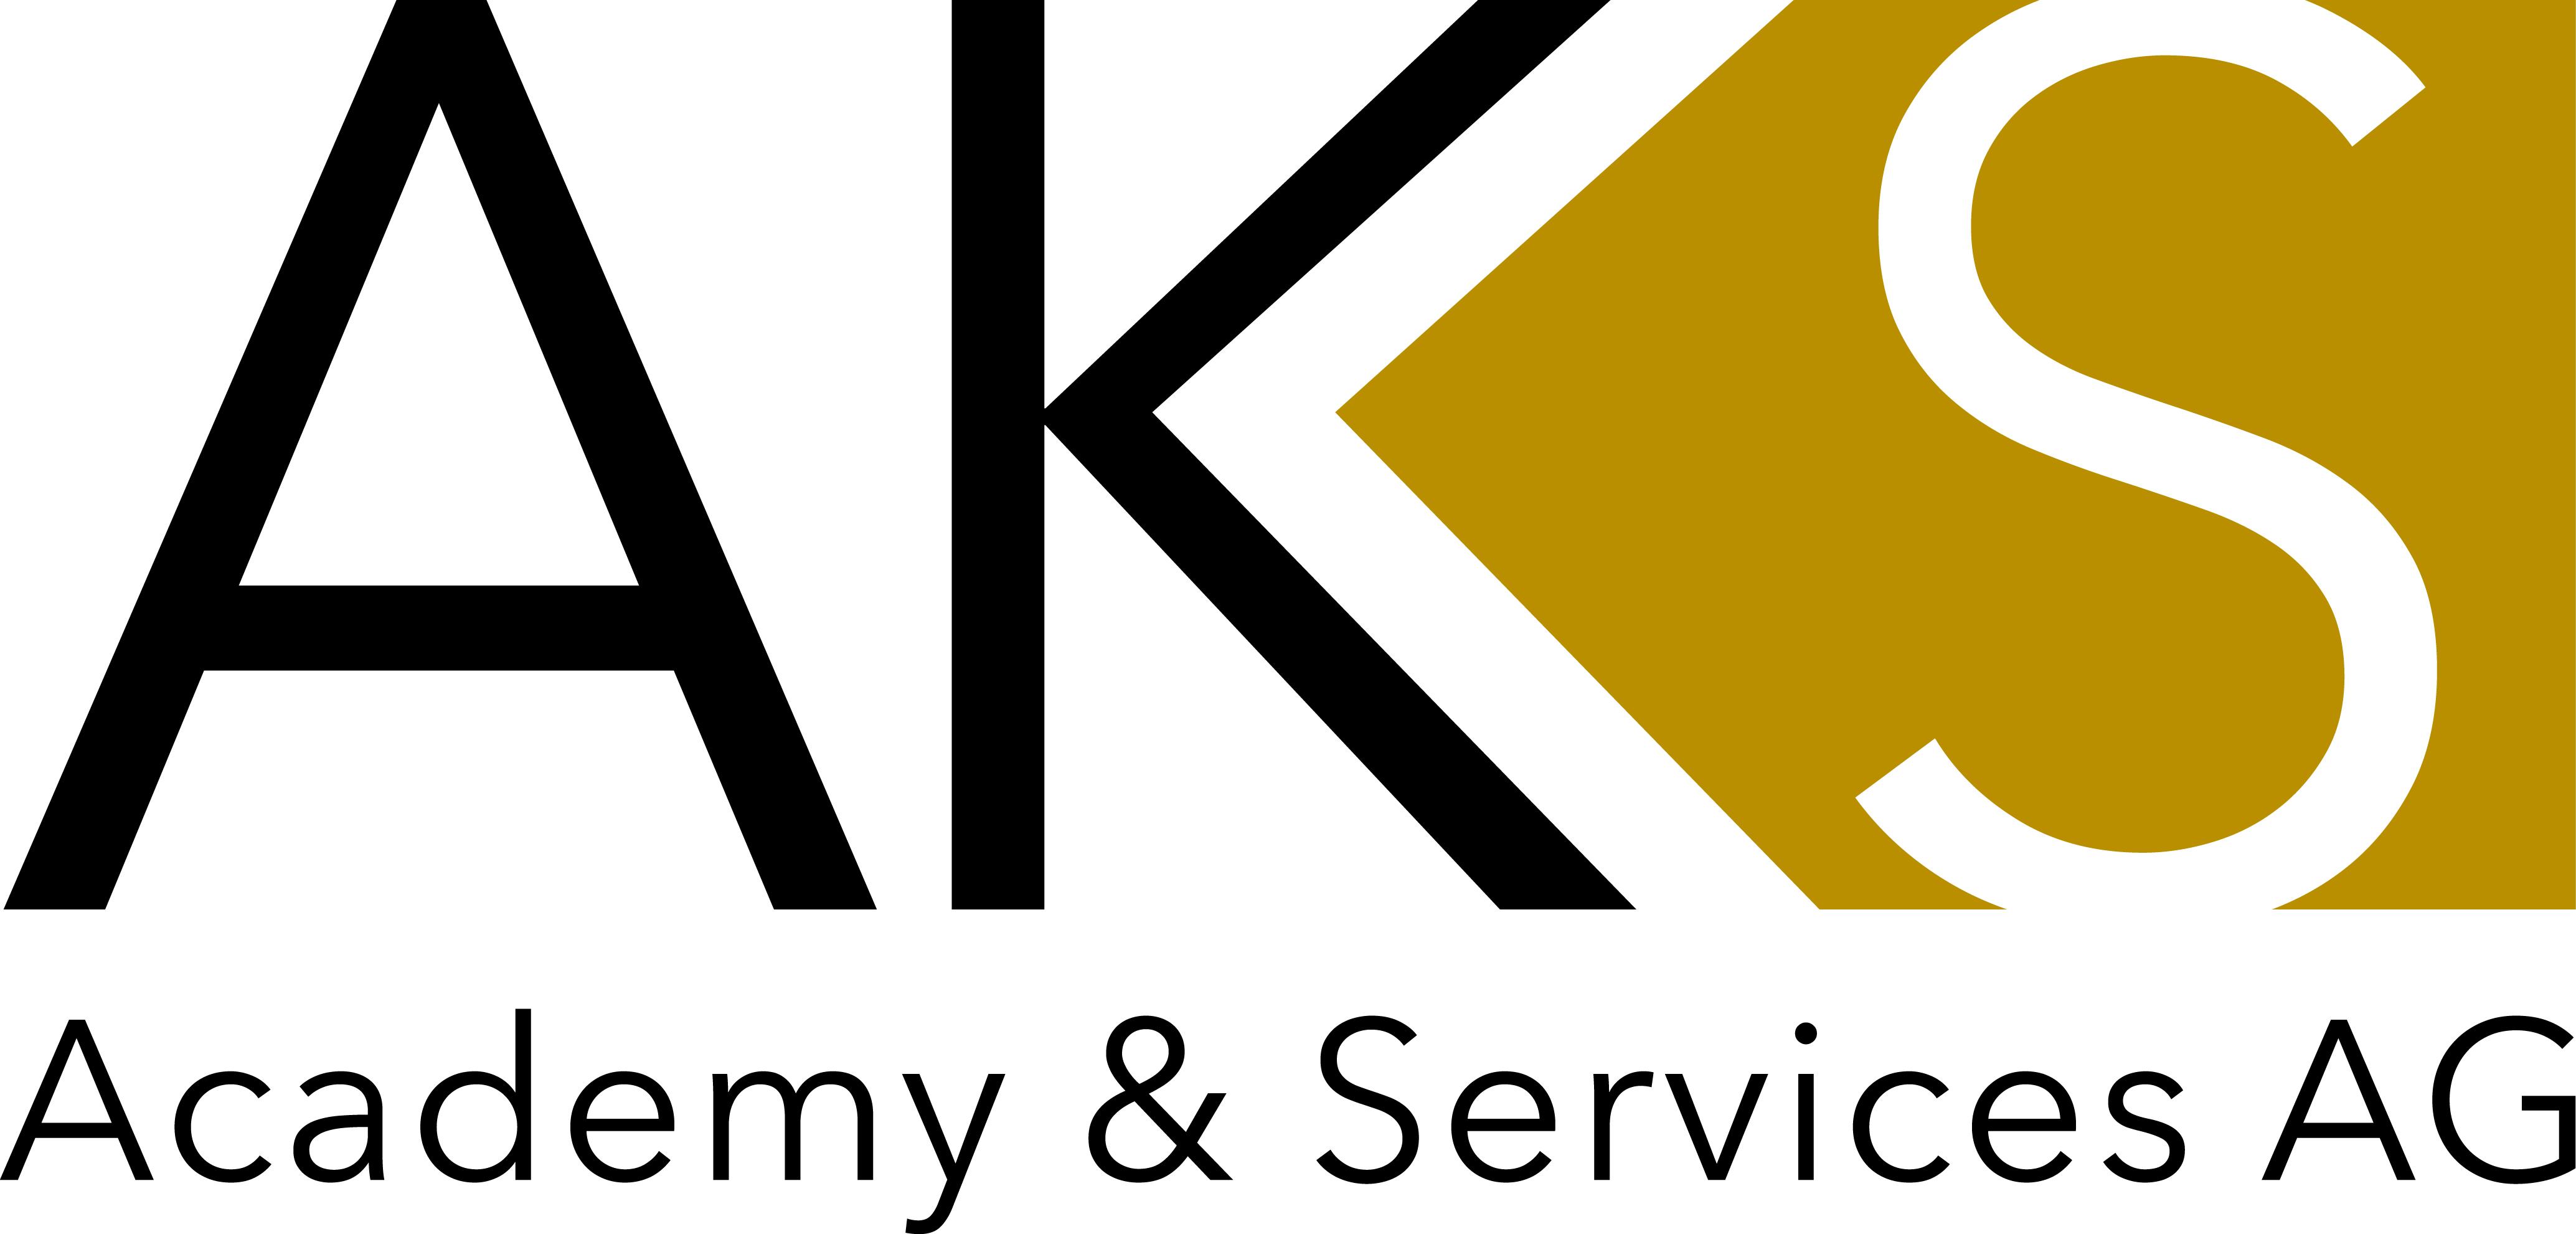 AKS Academy & Services AG